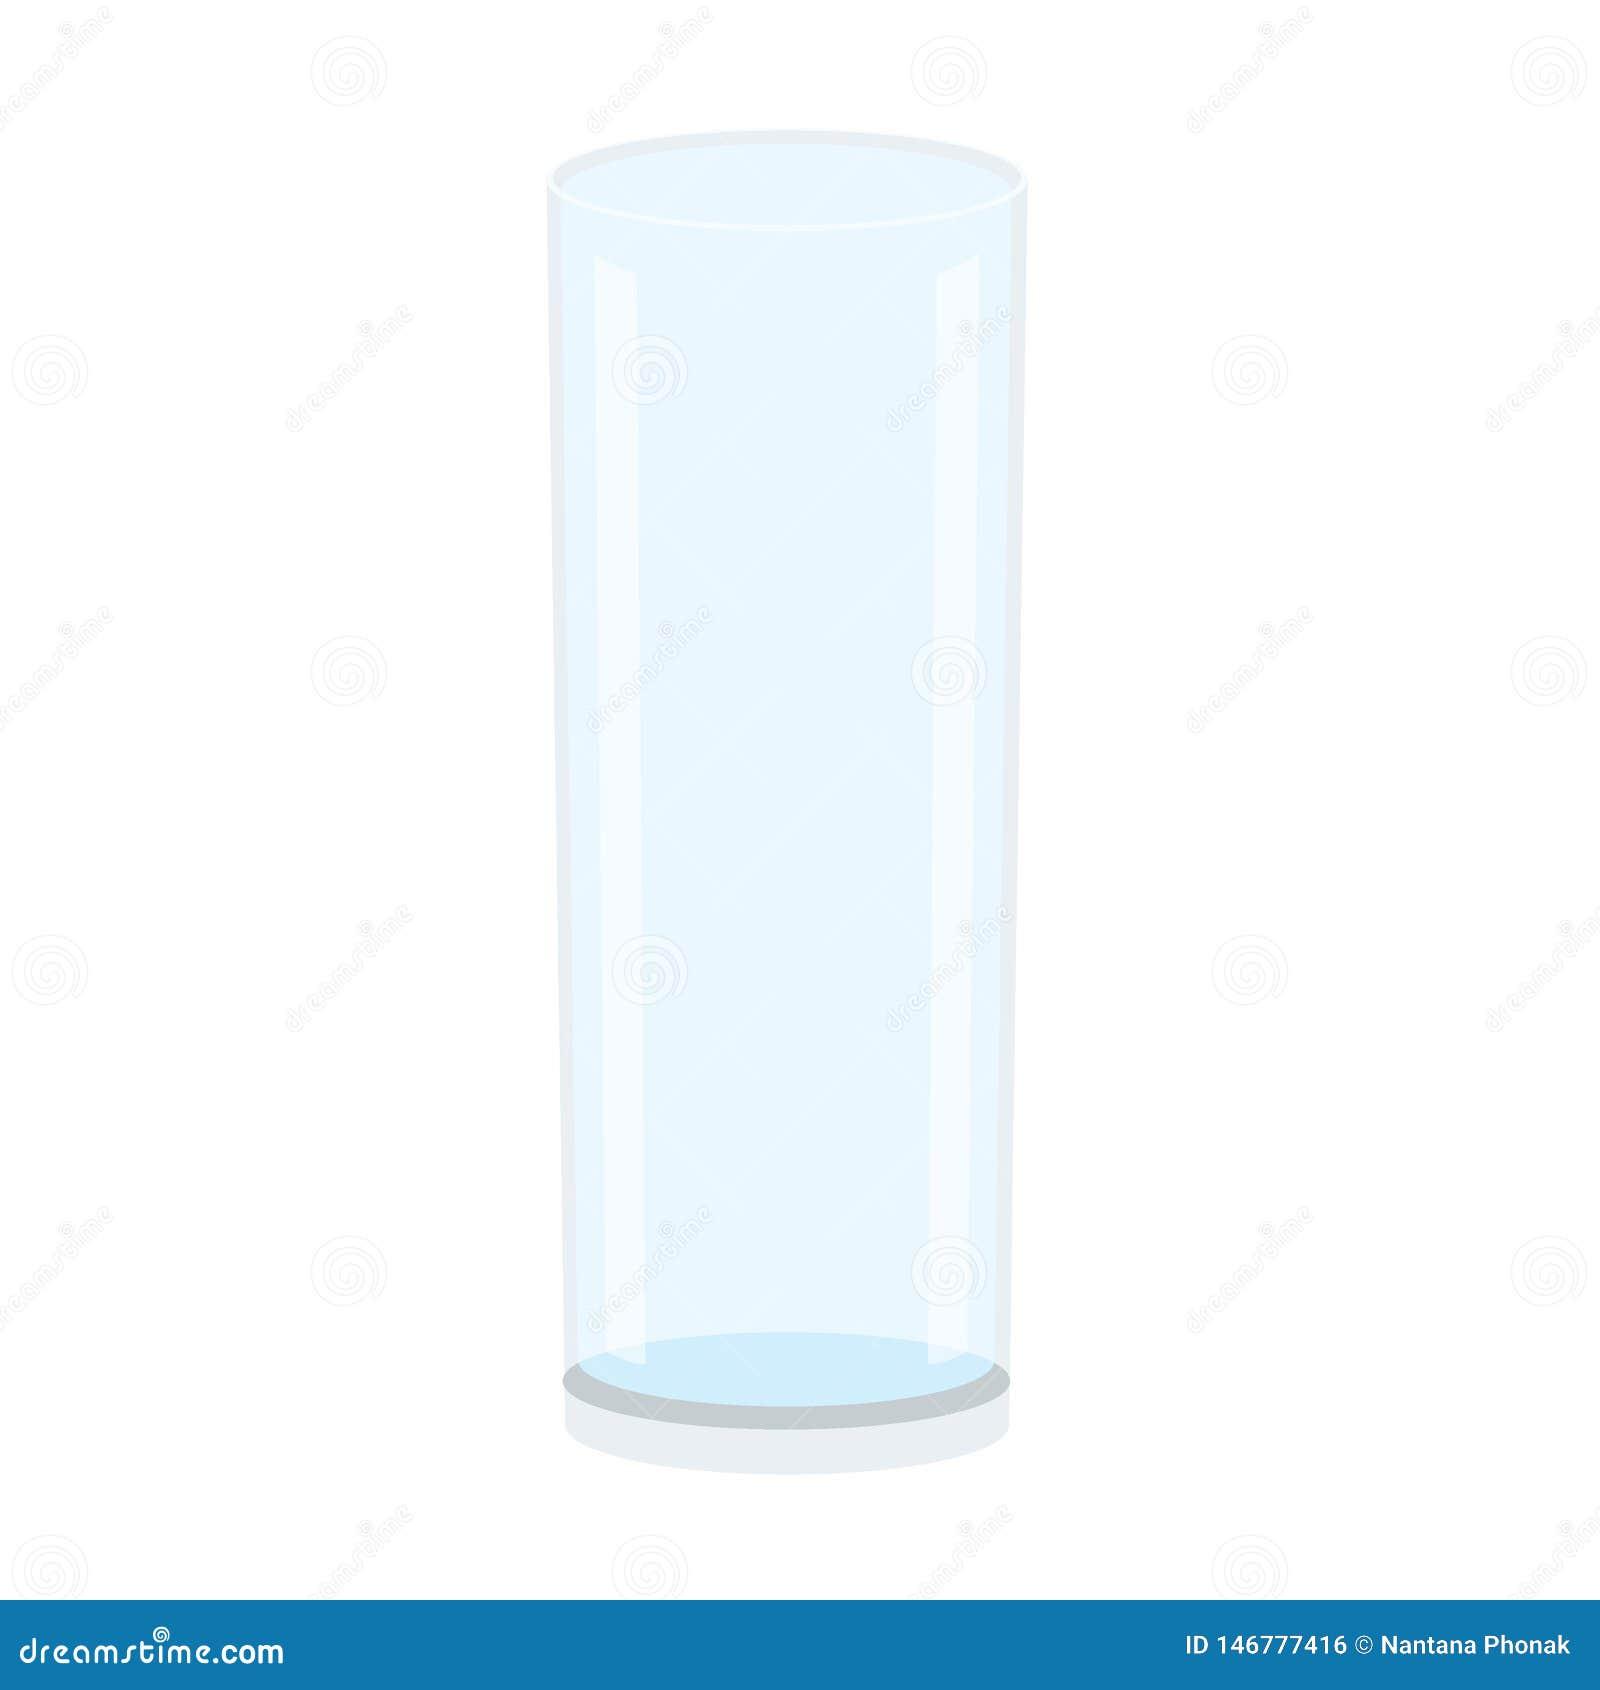 Bleu, blanc, gris, clair, transparent, lumineux, boisson, verre, l eau, l eau minérale, eau froide, eau chaude, tasse, fond, text